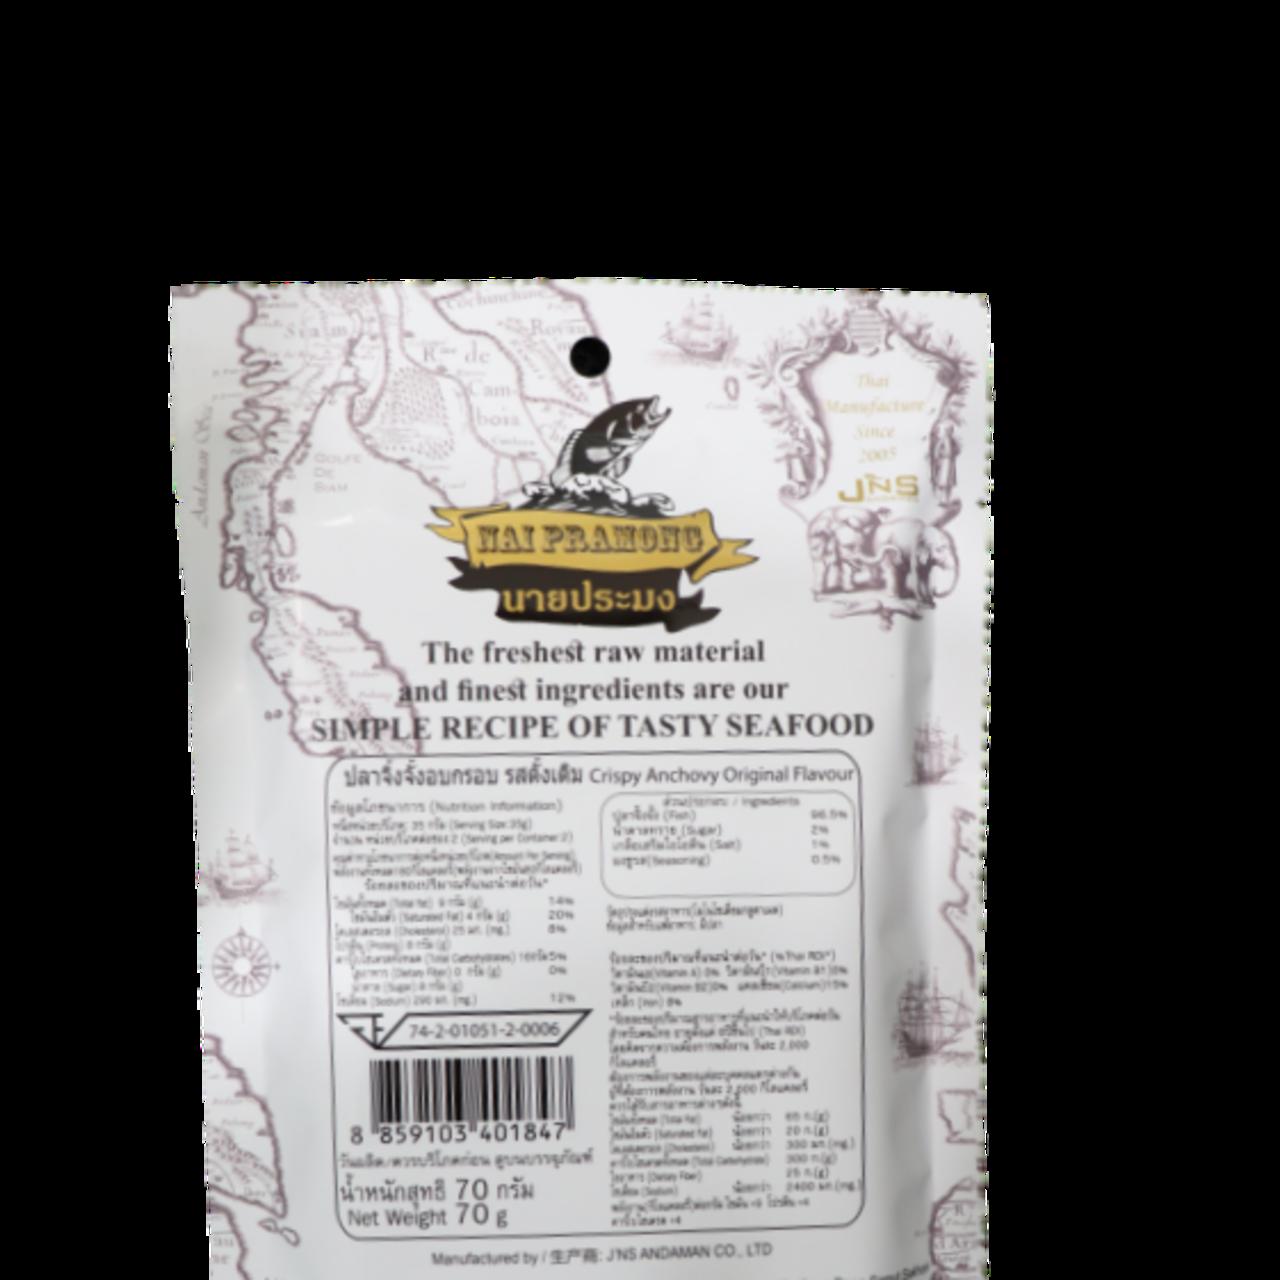 Nai Pramong - Anchovy Original Flavour